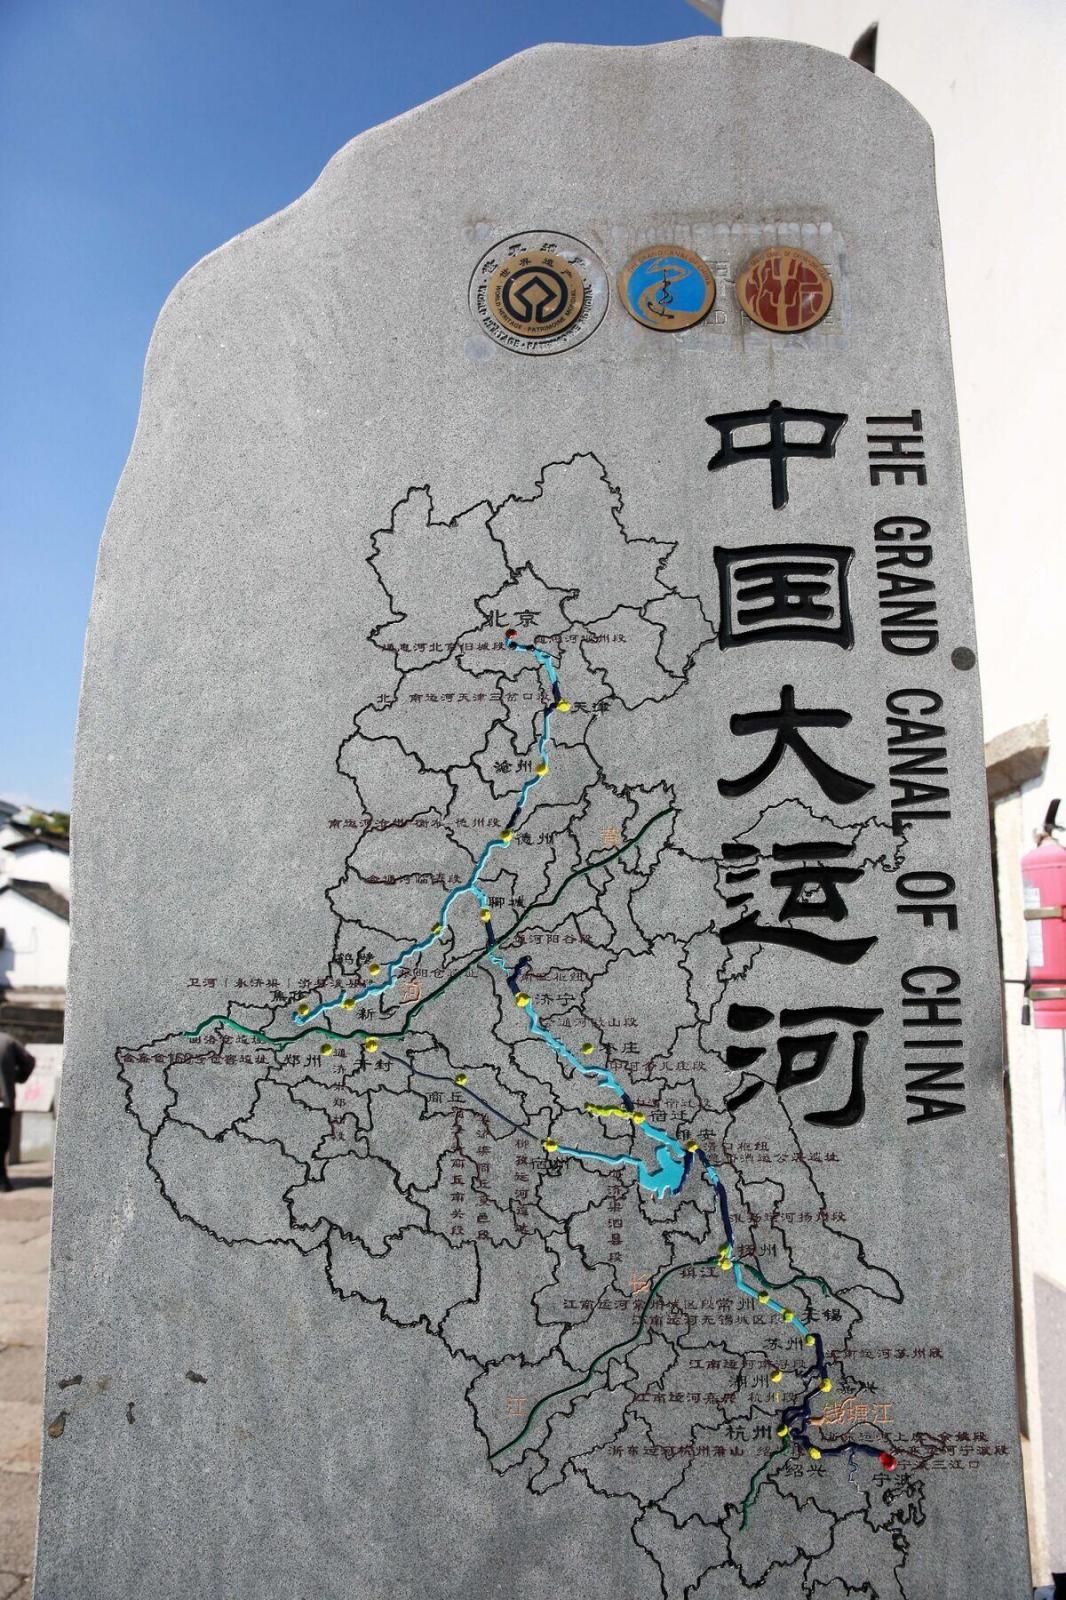 古镇内的中国大运河世界文化遗产立碑.jpg